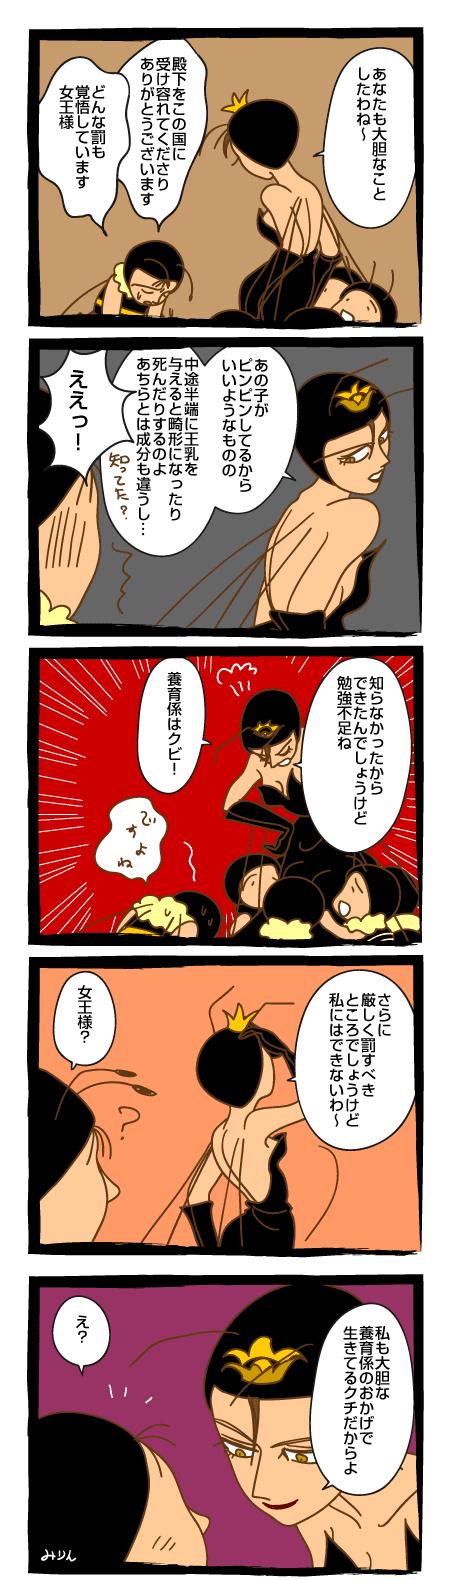 みつばち漫画みつばちさん:97. あなたはだあれ?(7)